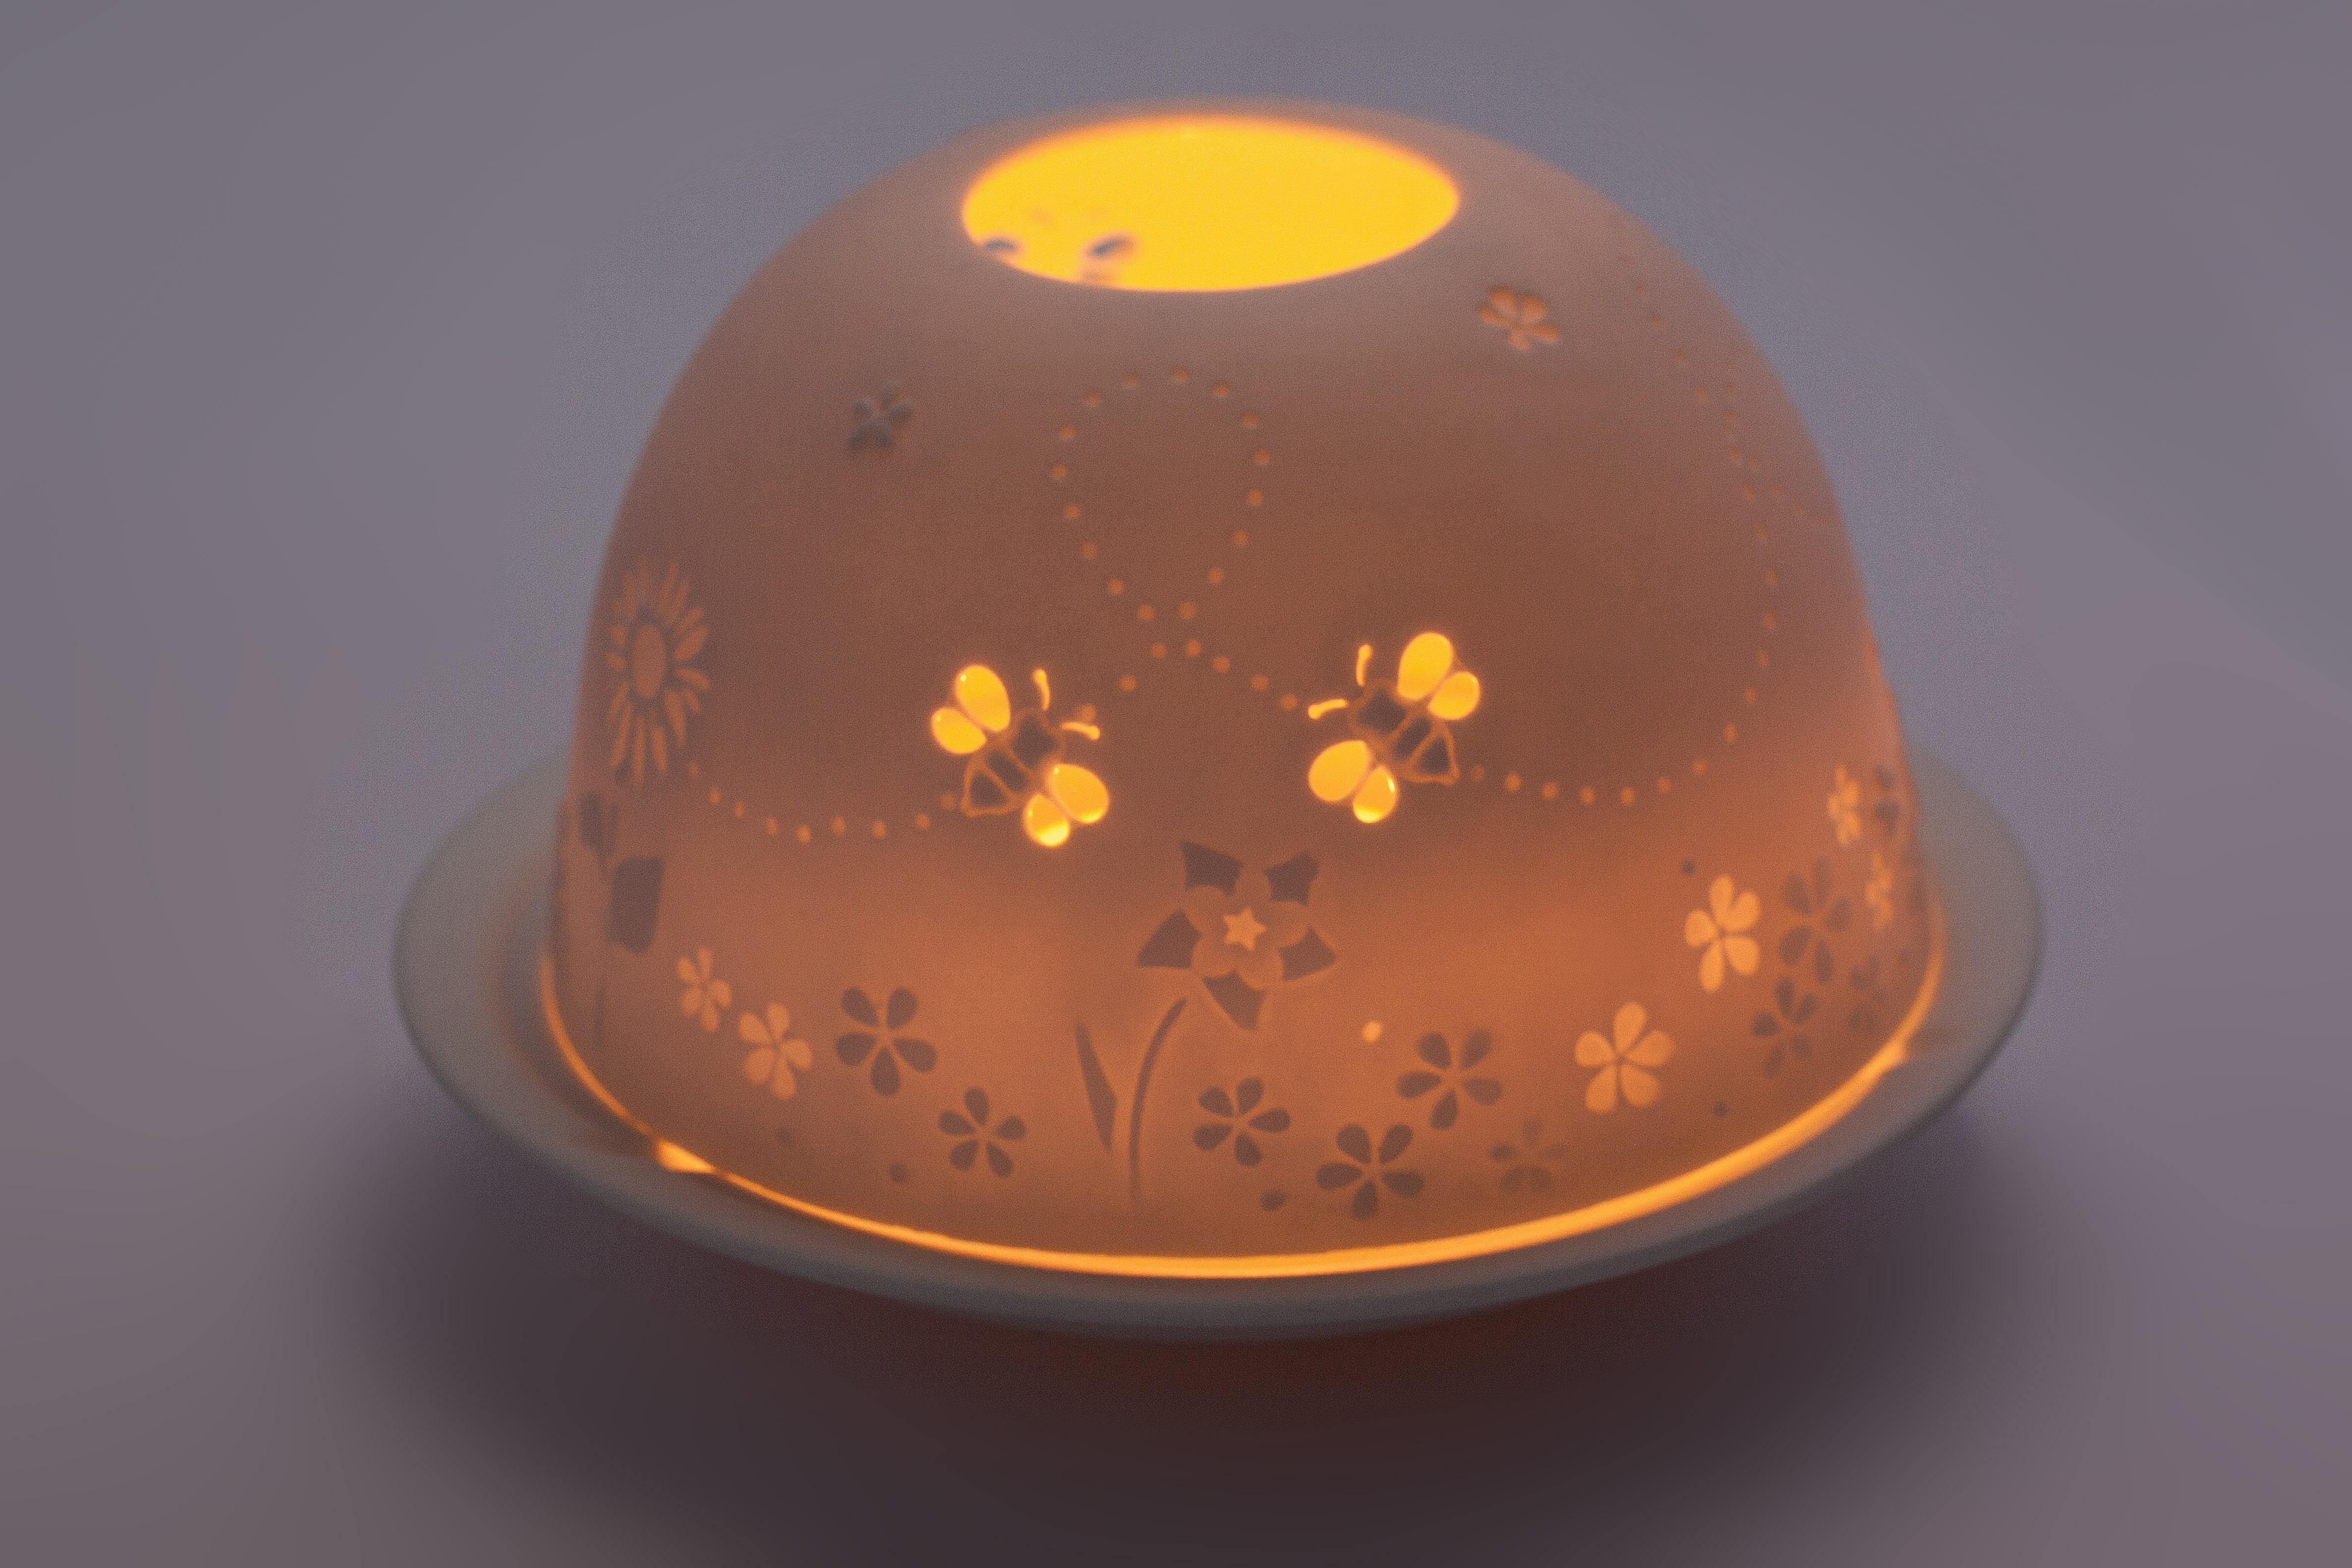 Beautiful Lamp, Decorative, Lamp, Lantern, Light, HQ Photo